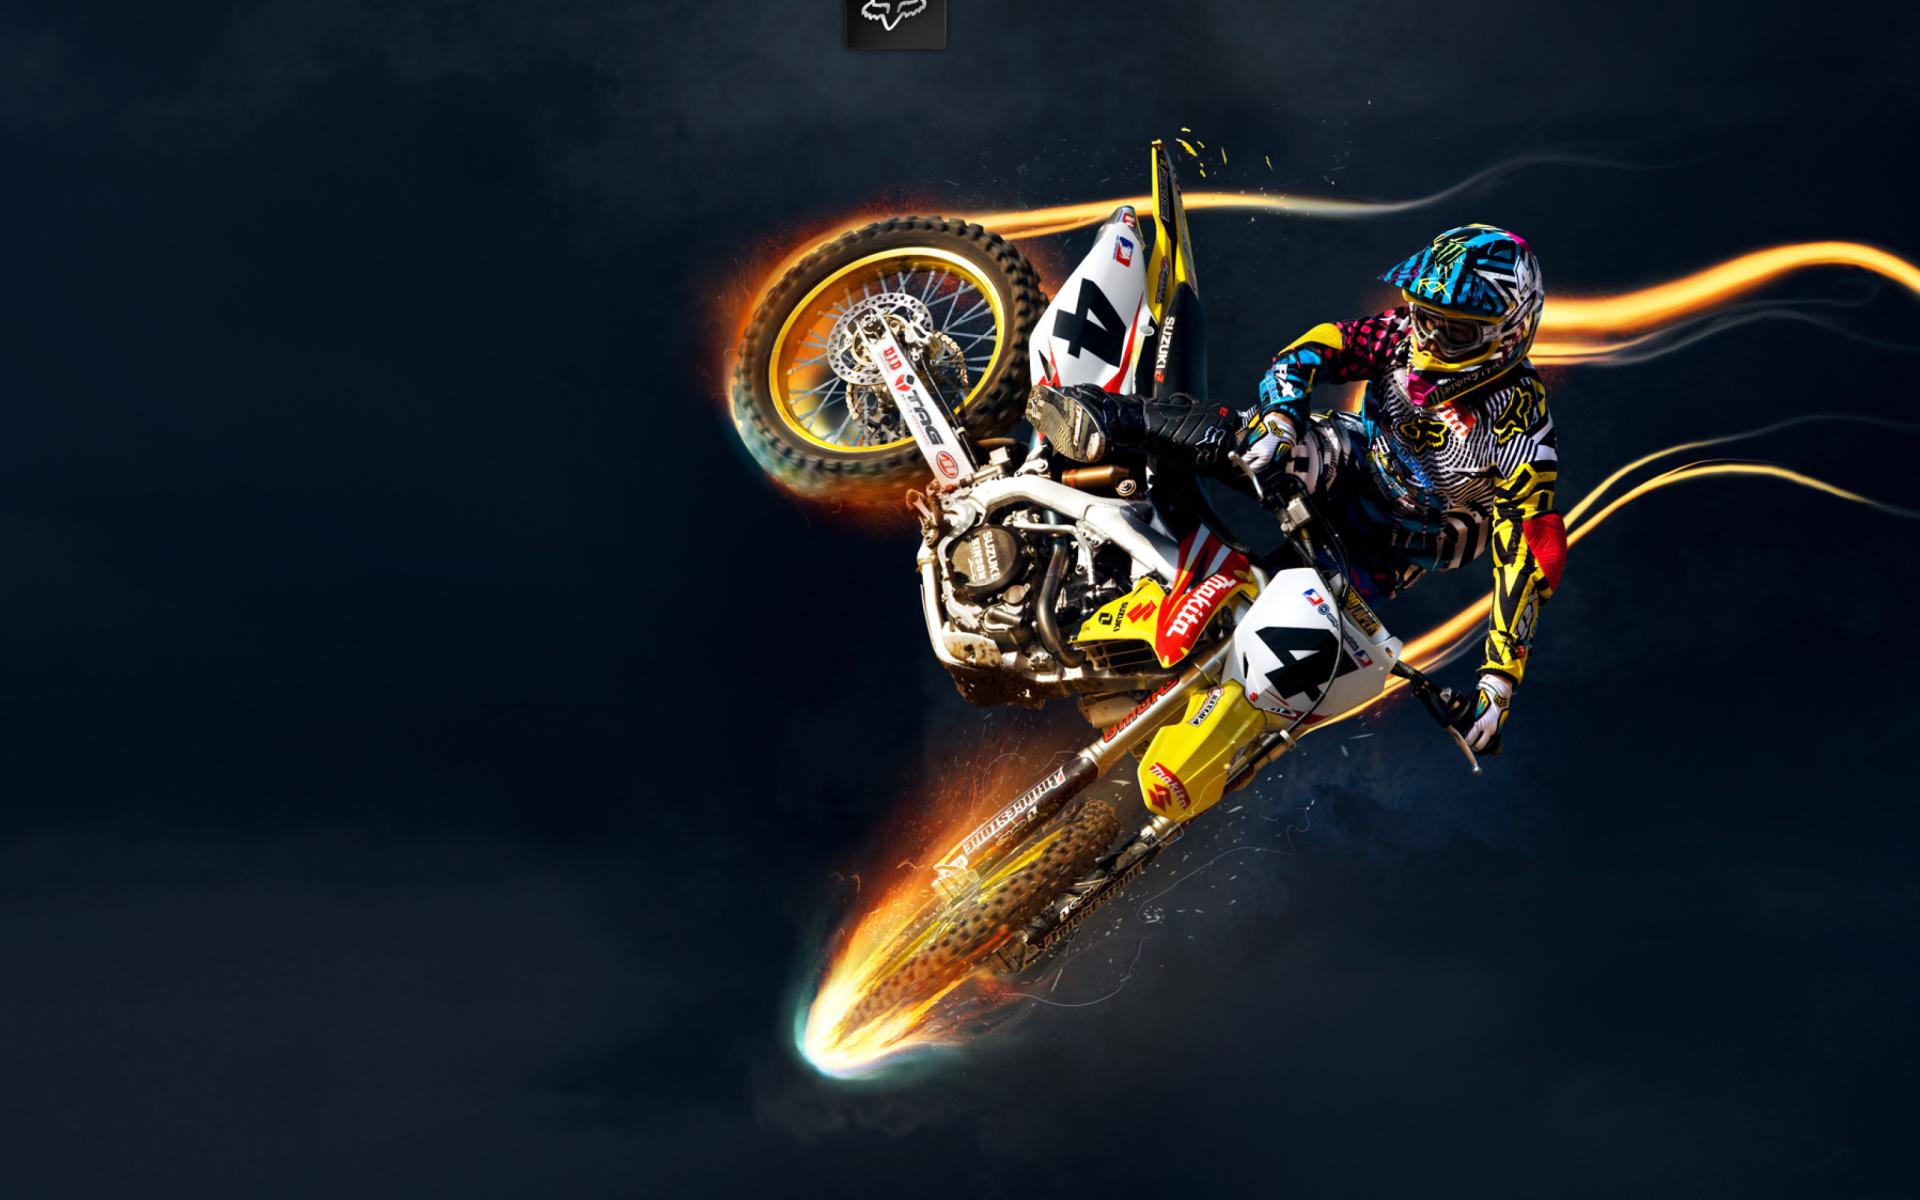 Resultado de imagen para motocross freestyle hd